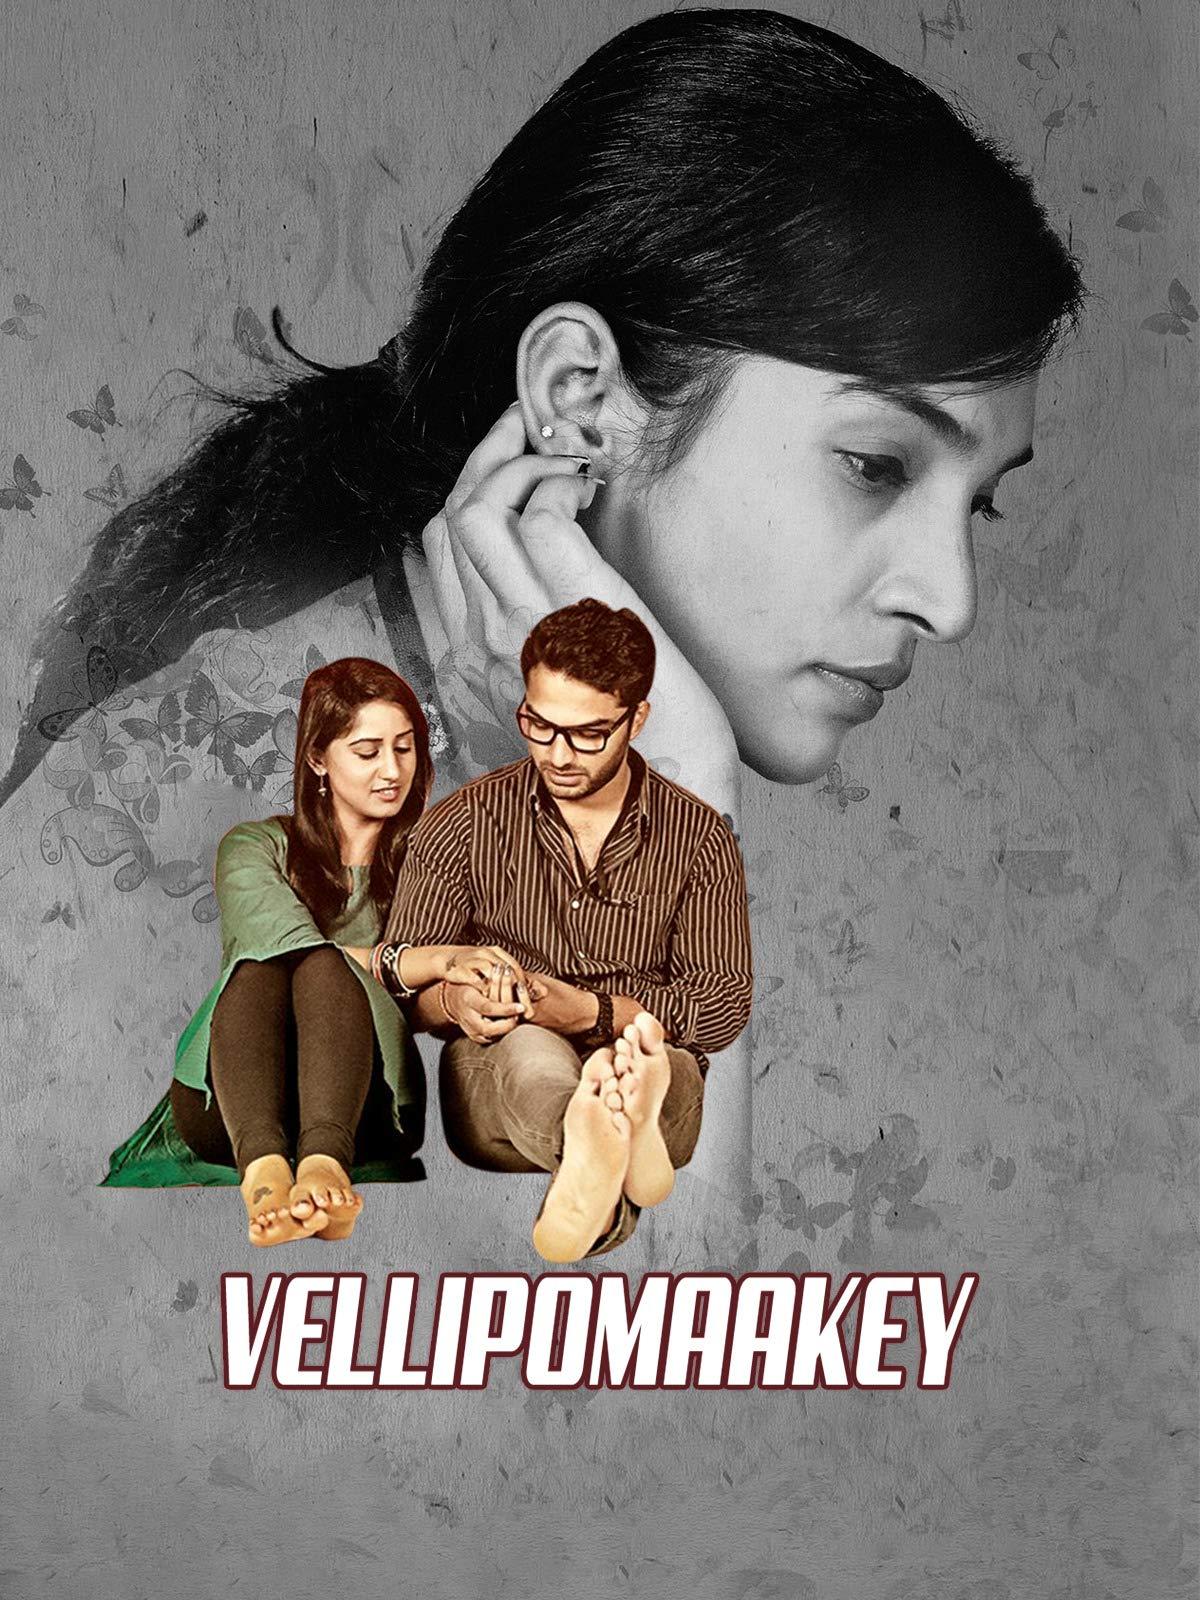 Vellipomakey